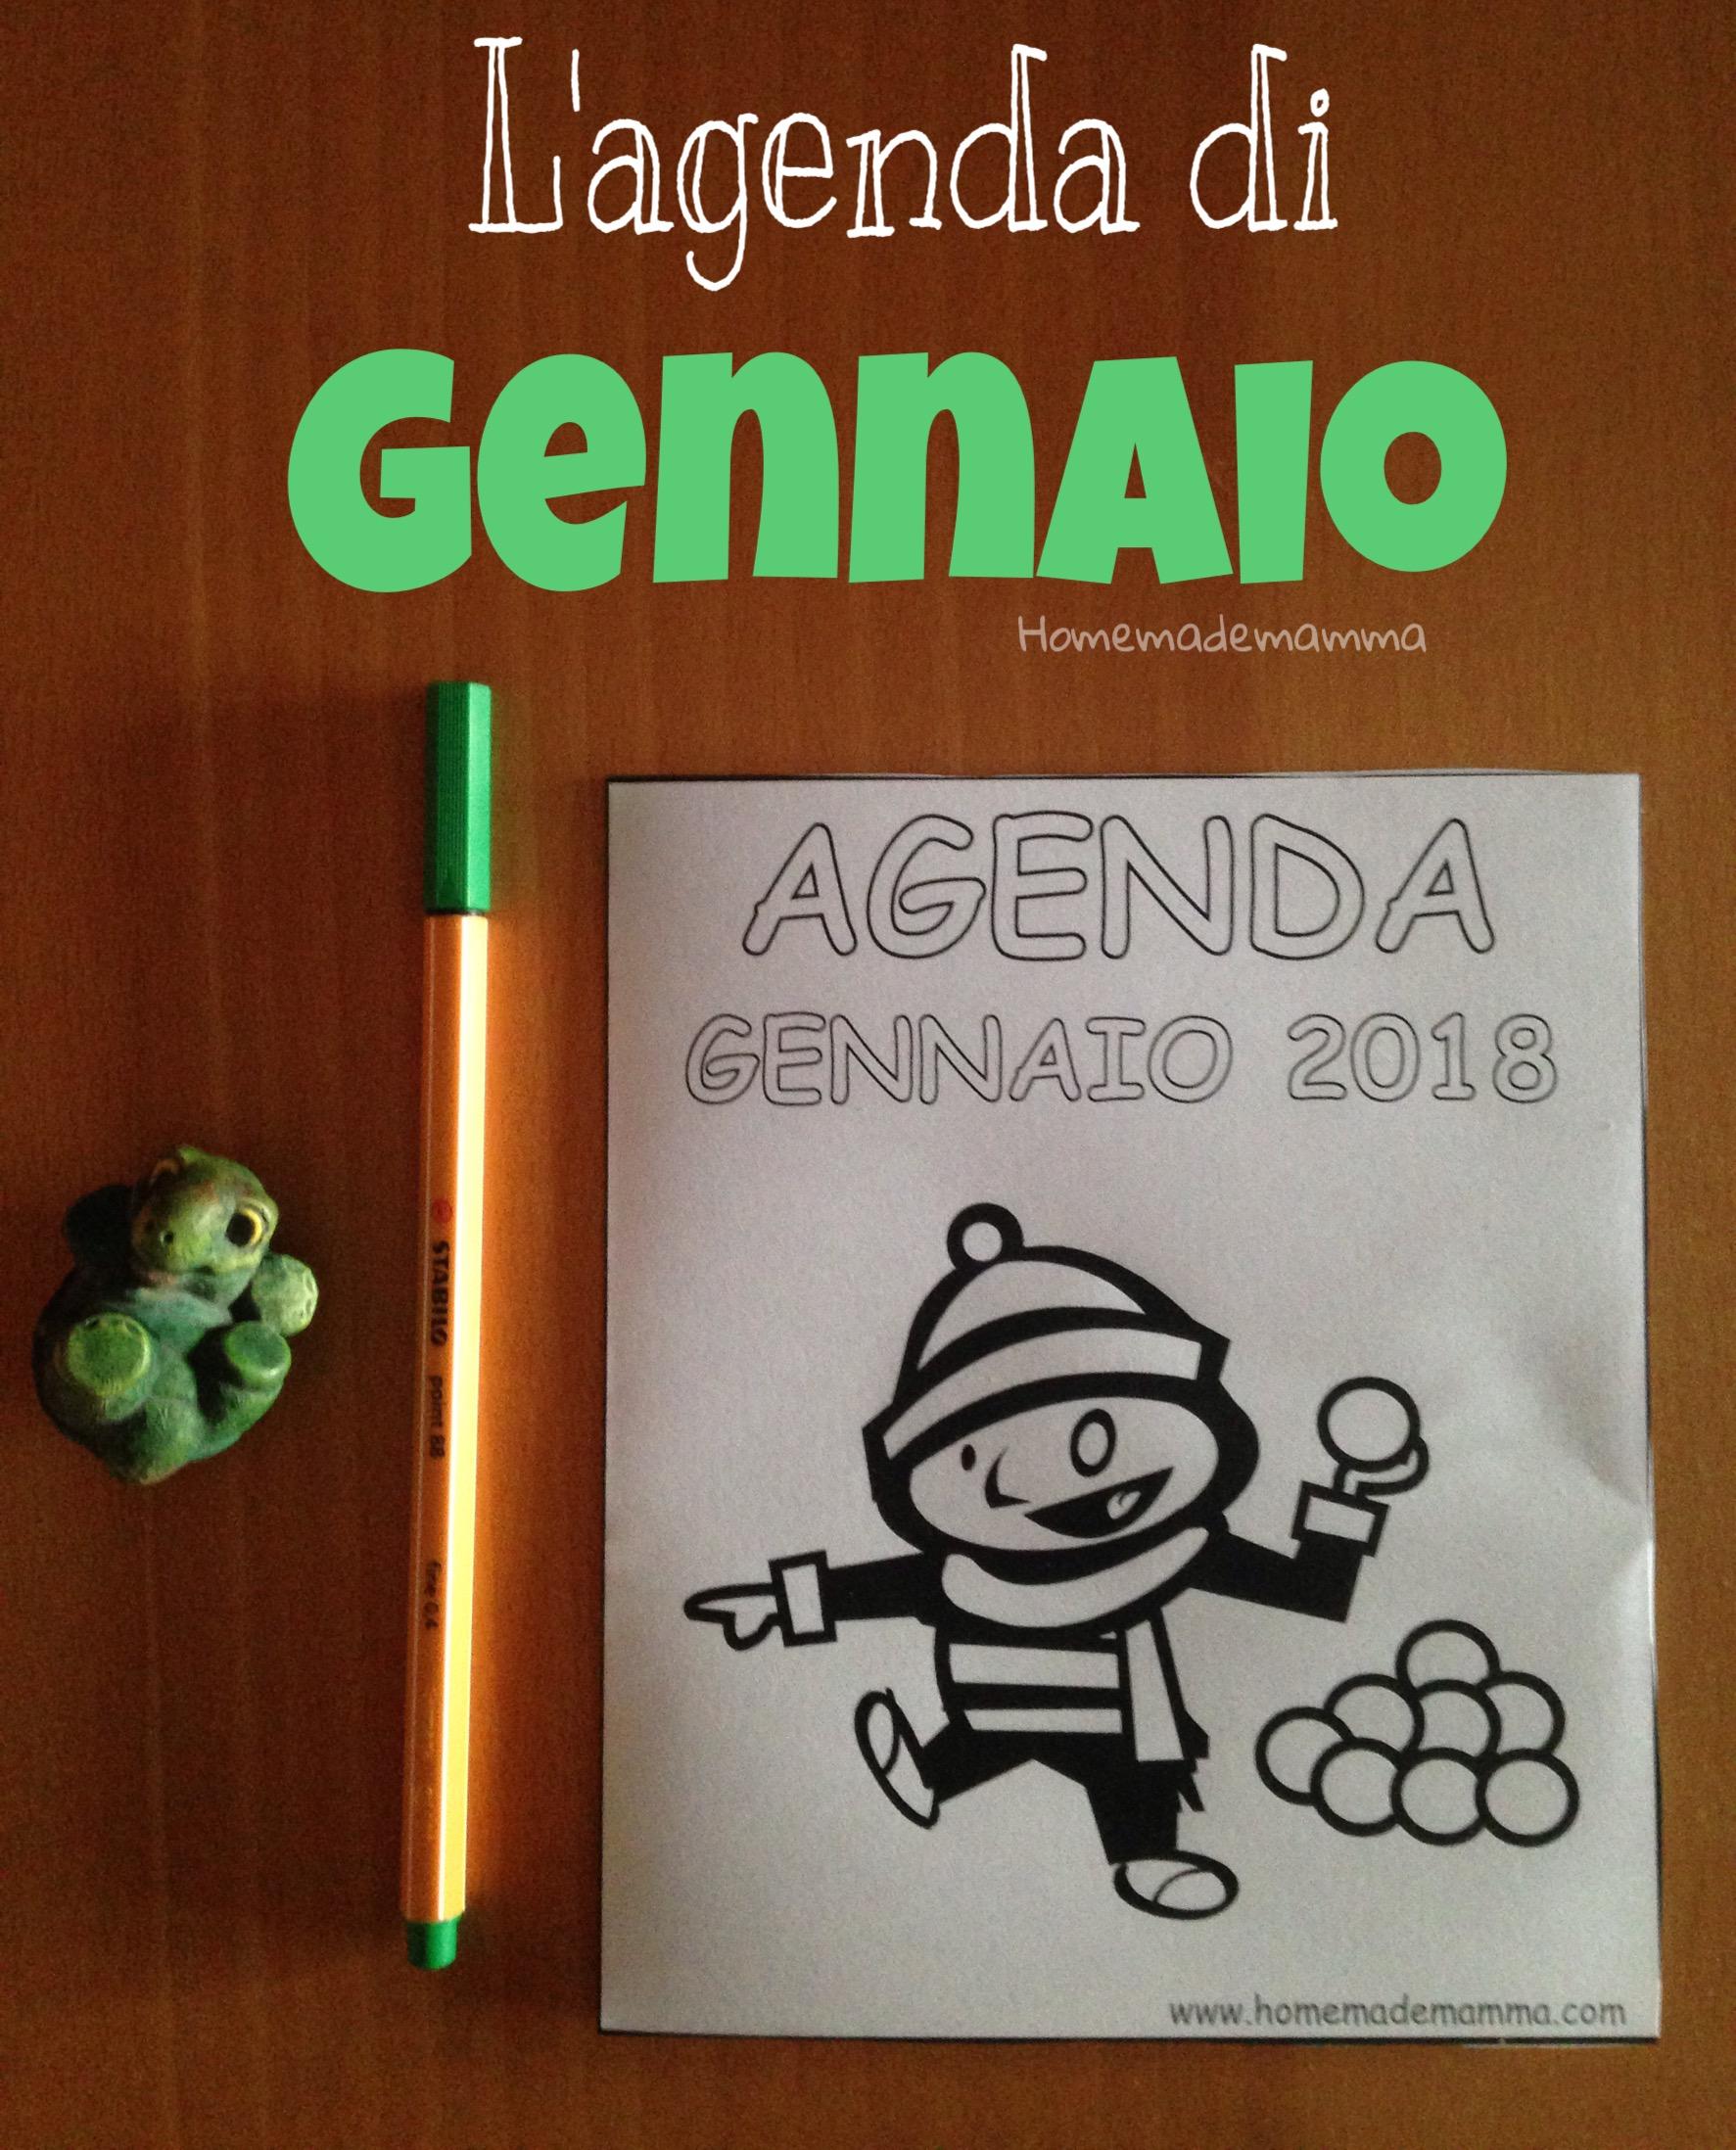 agenda gennaio 2018 per bambini da stampare